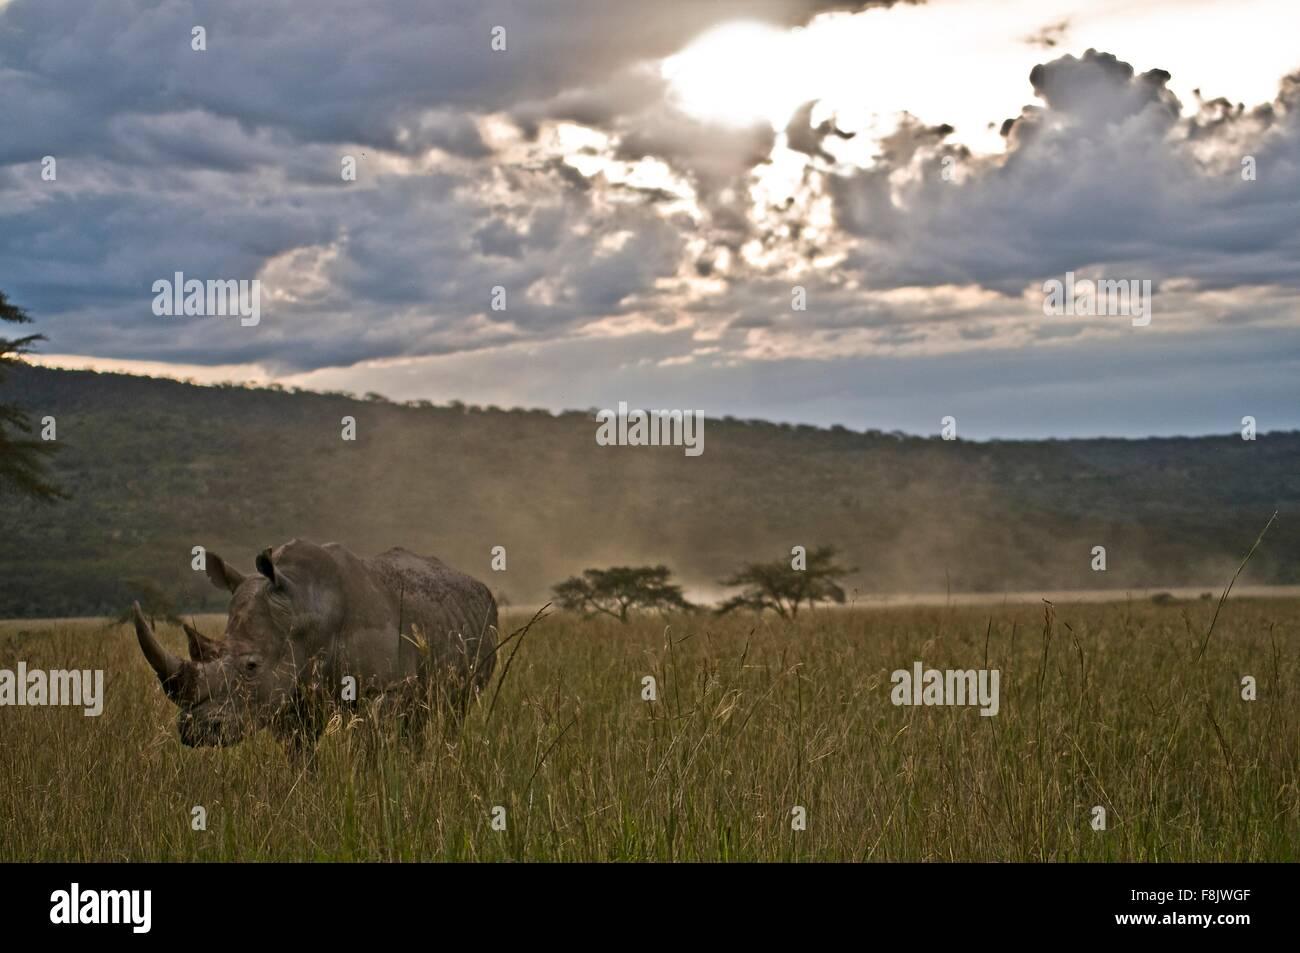 Rhino tra erba lunga al crepuscolo, Lake Nakuru, Kenya Immagini Stock